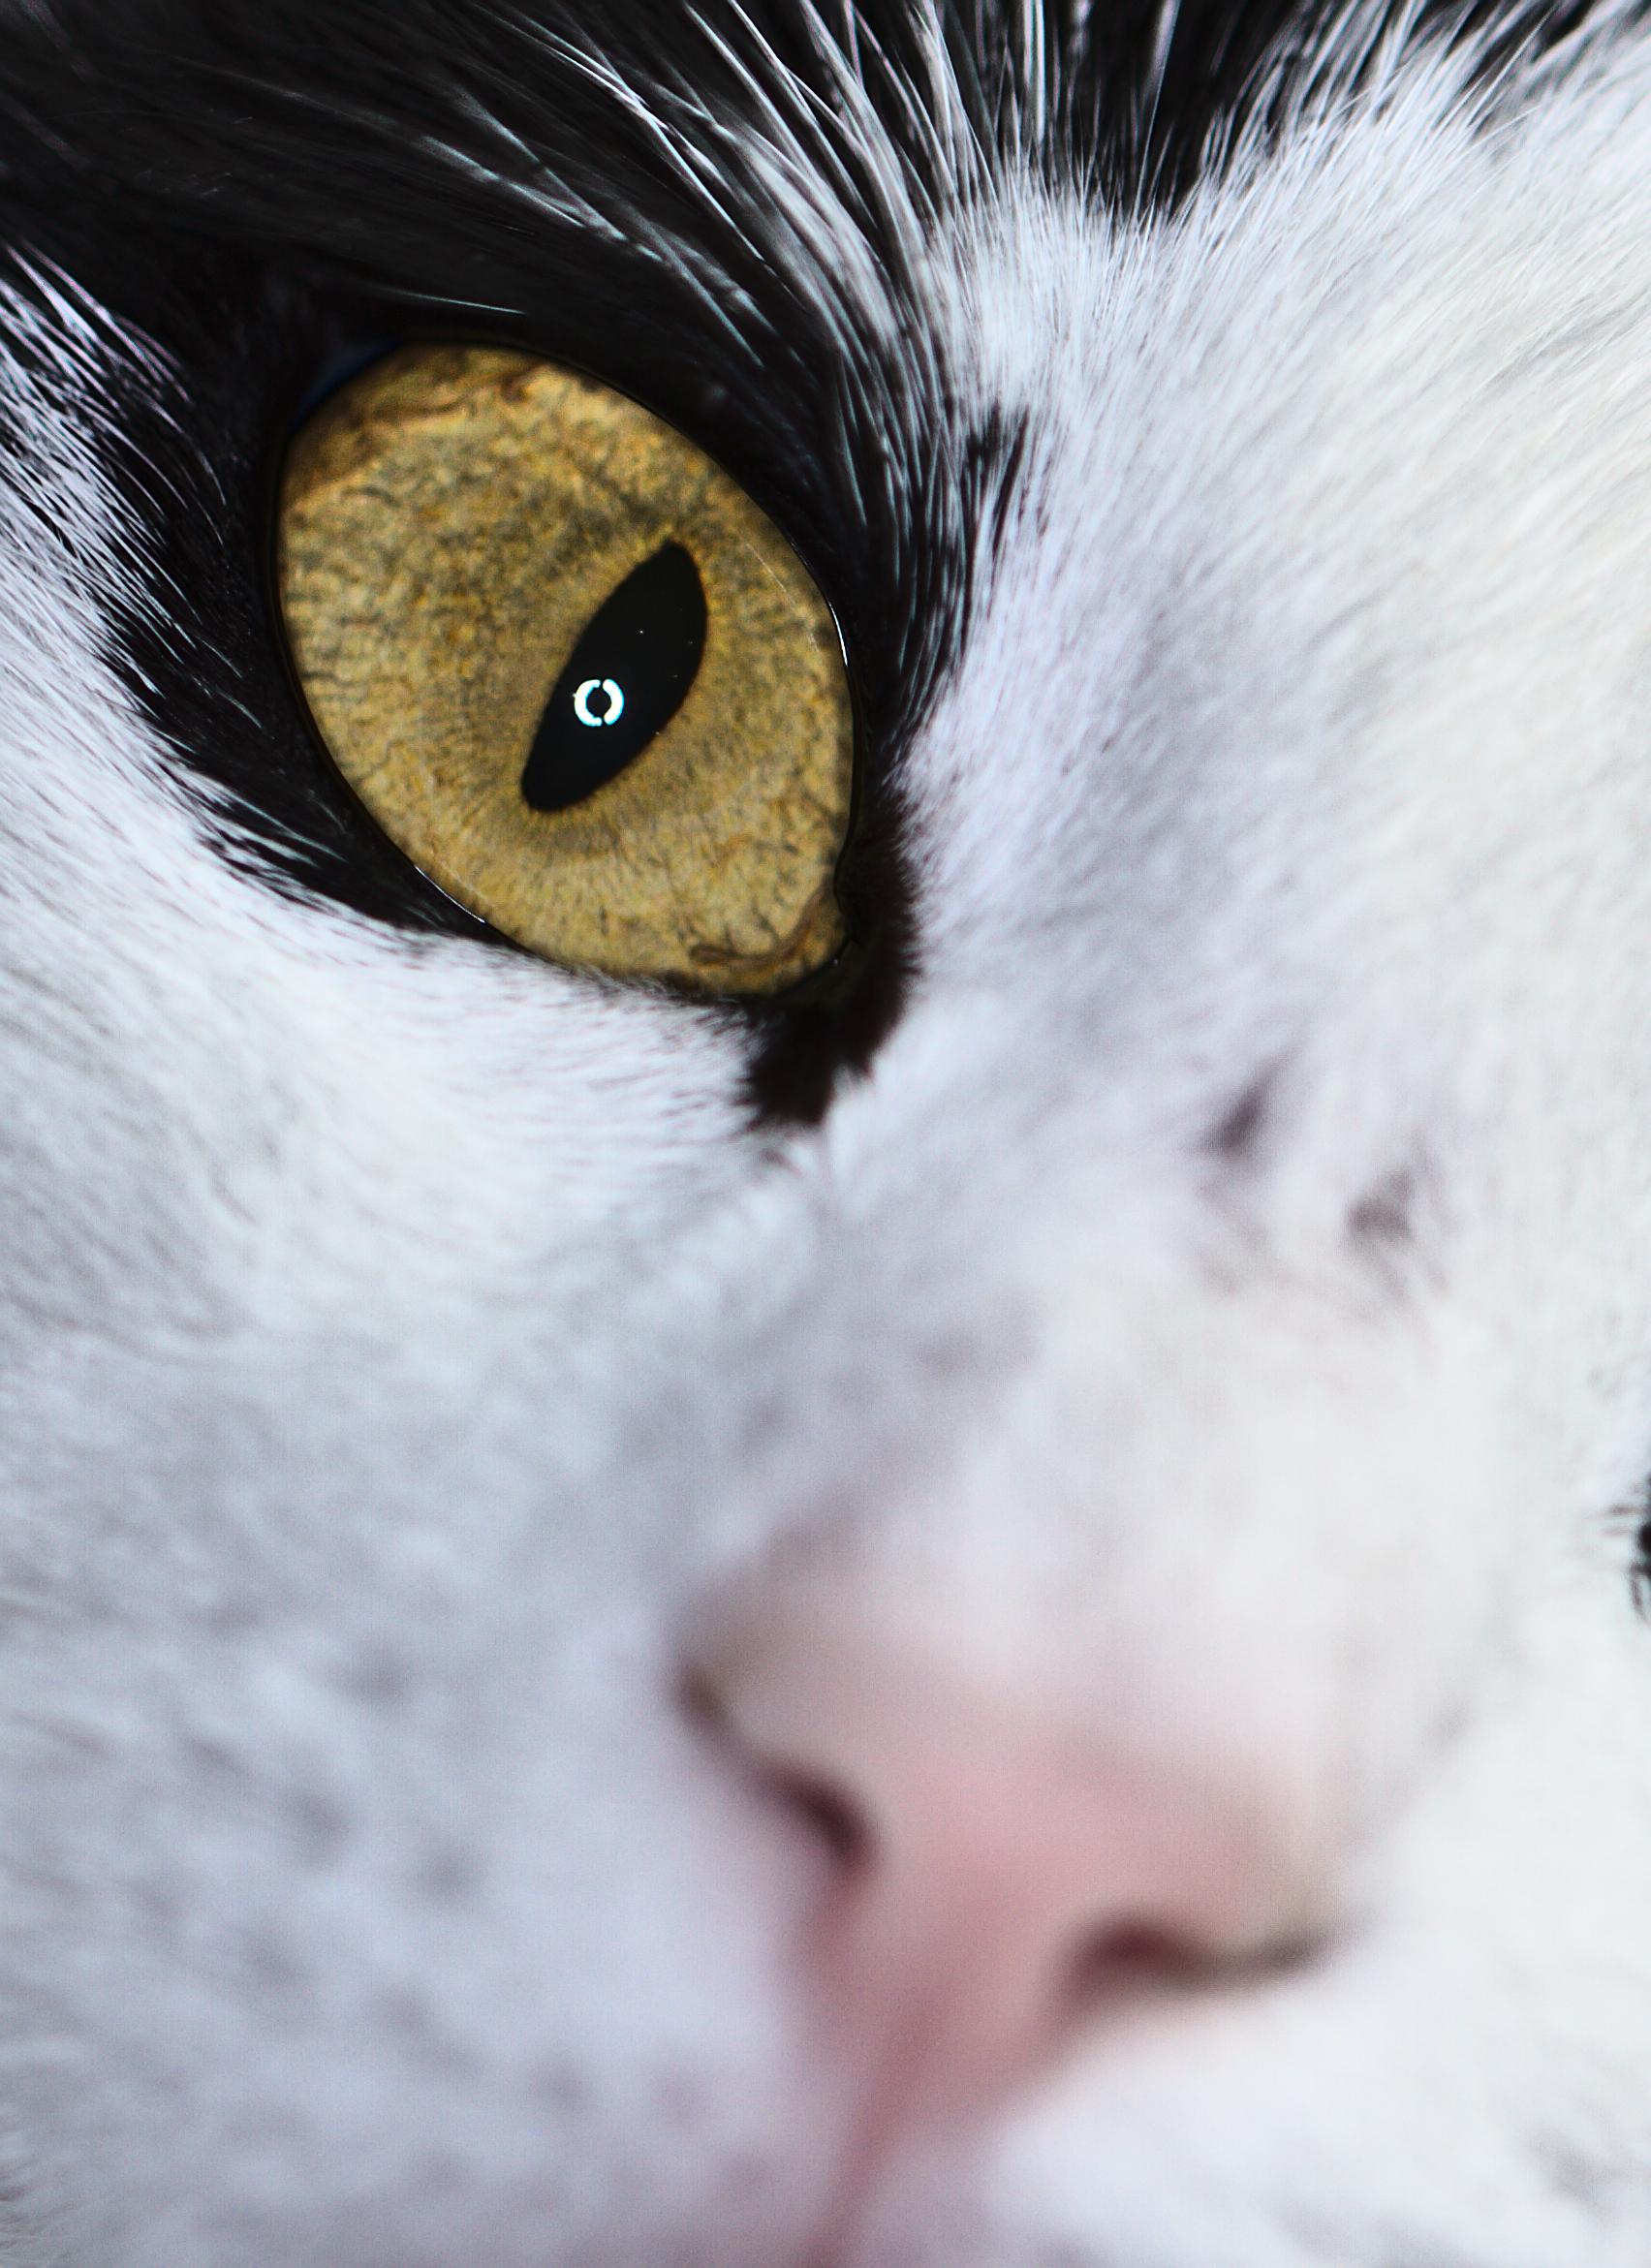 Cat's eye...